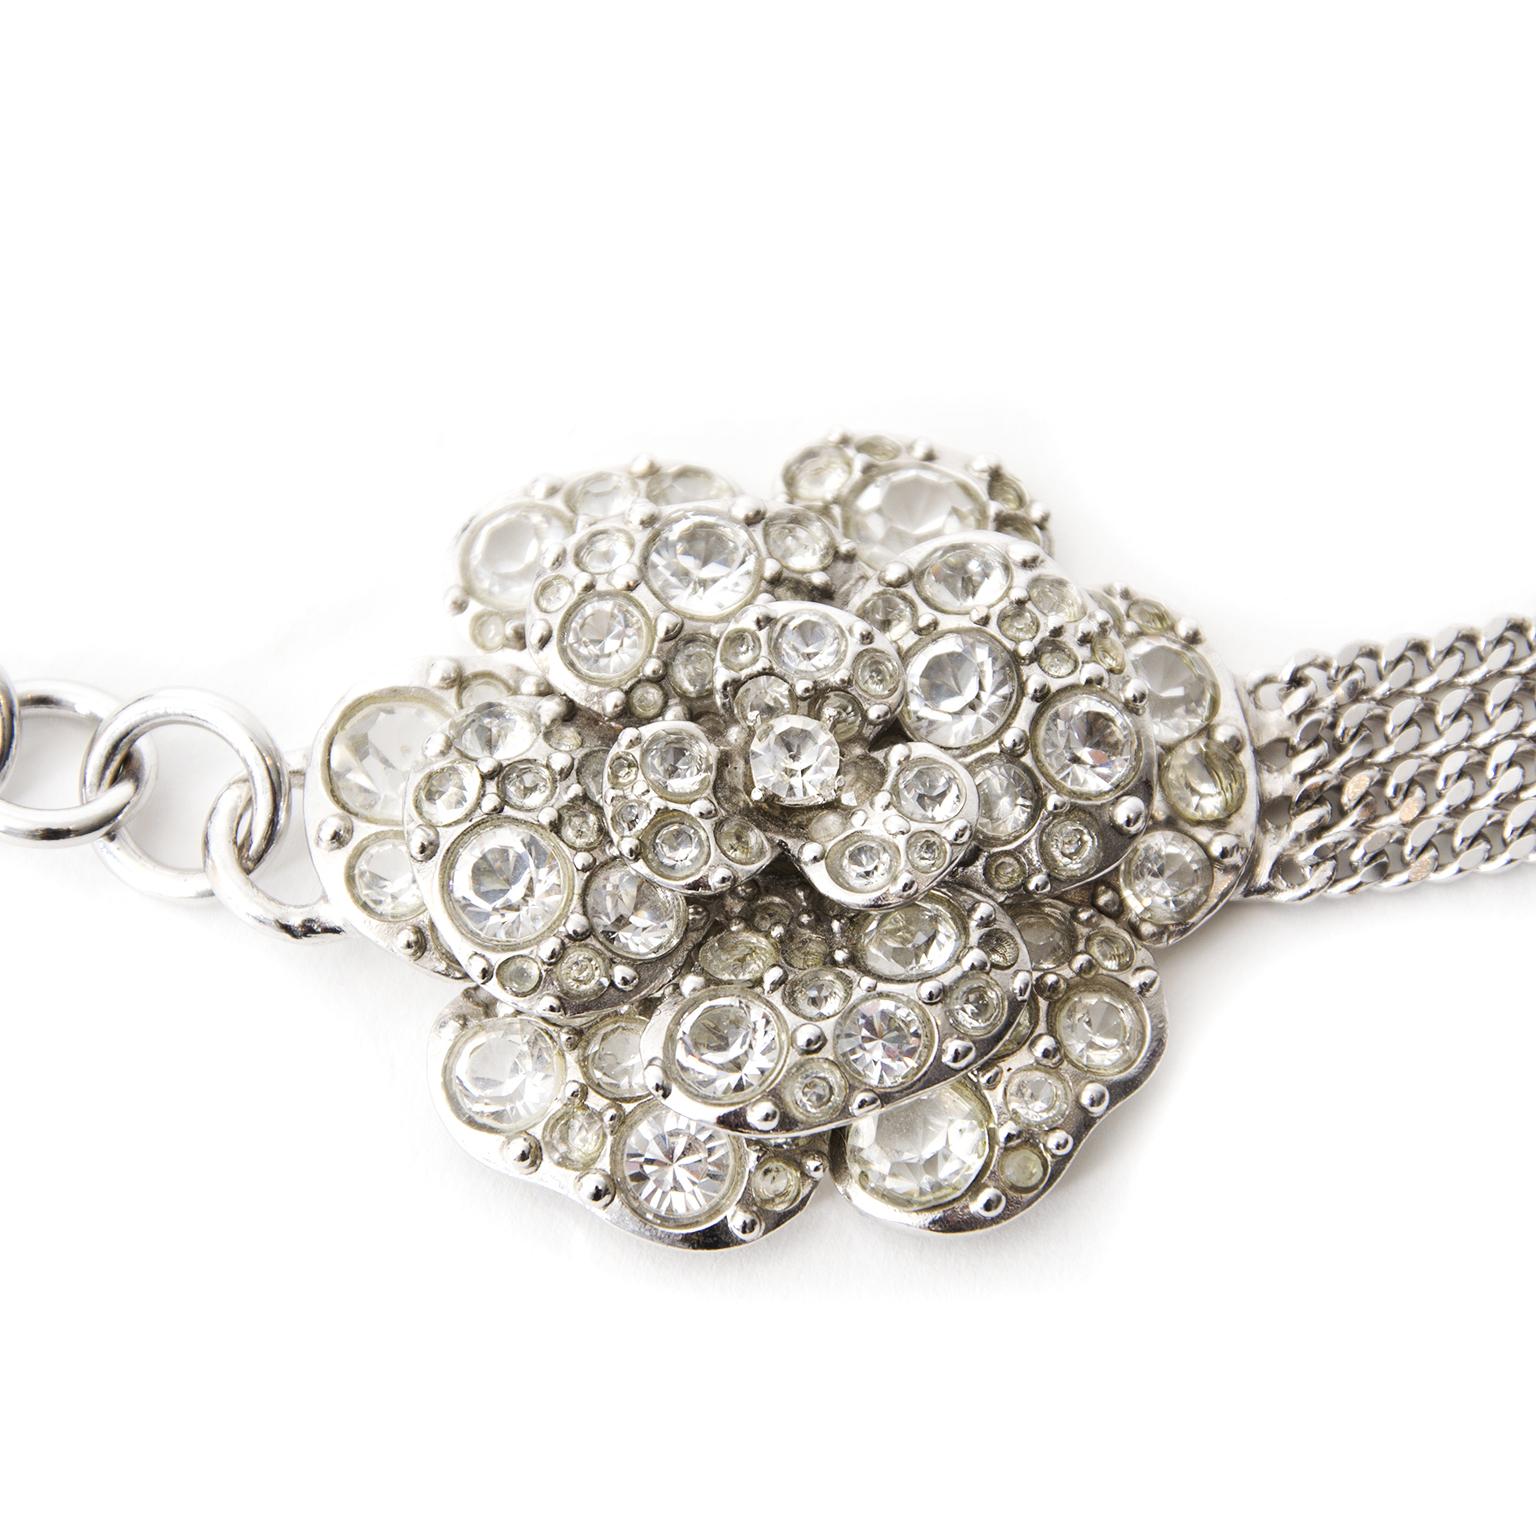 acheter en ligne seconde main Chanel Silver Toned Chain Belt  pour le meilleur prix site en linge seconde main centure